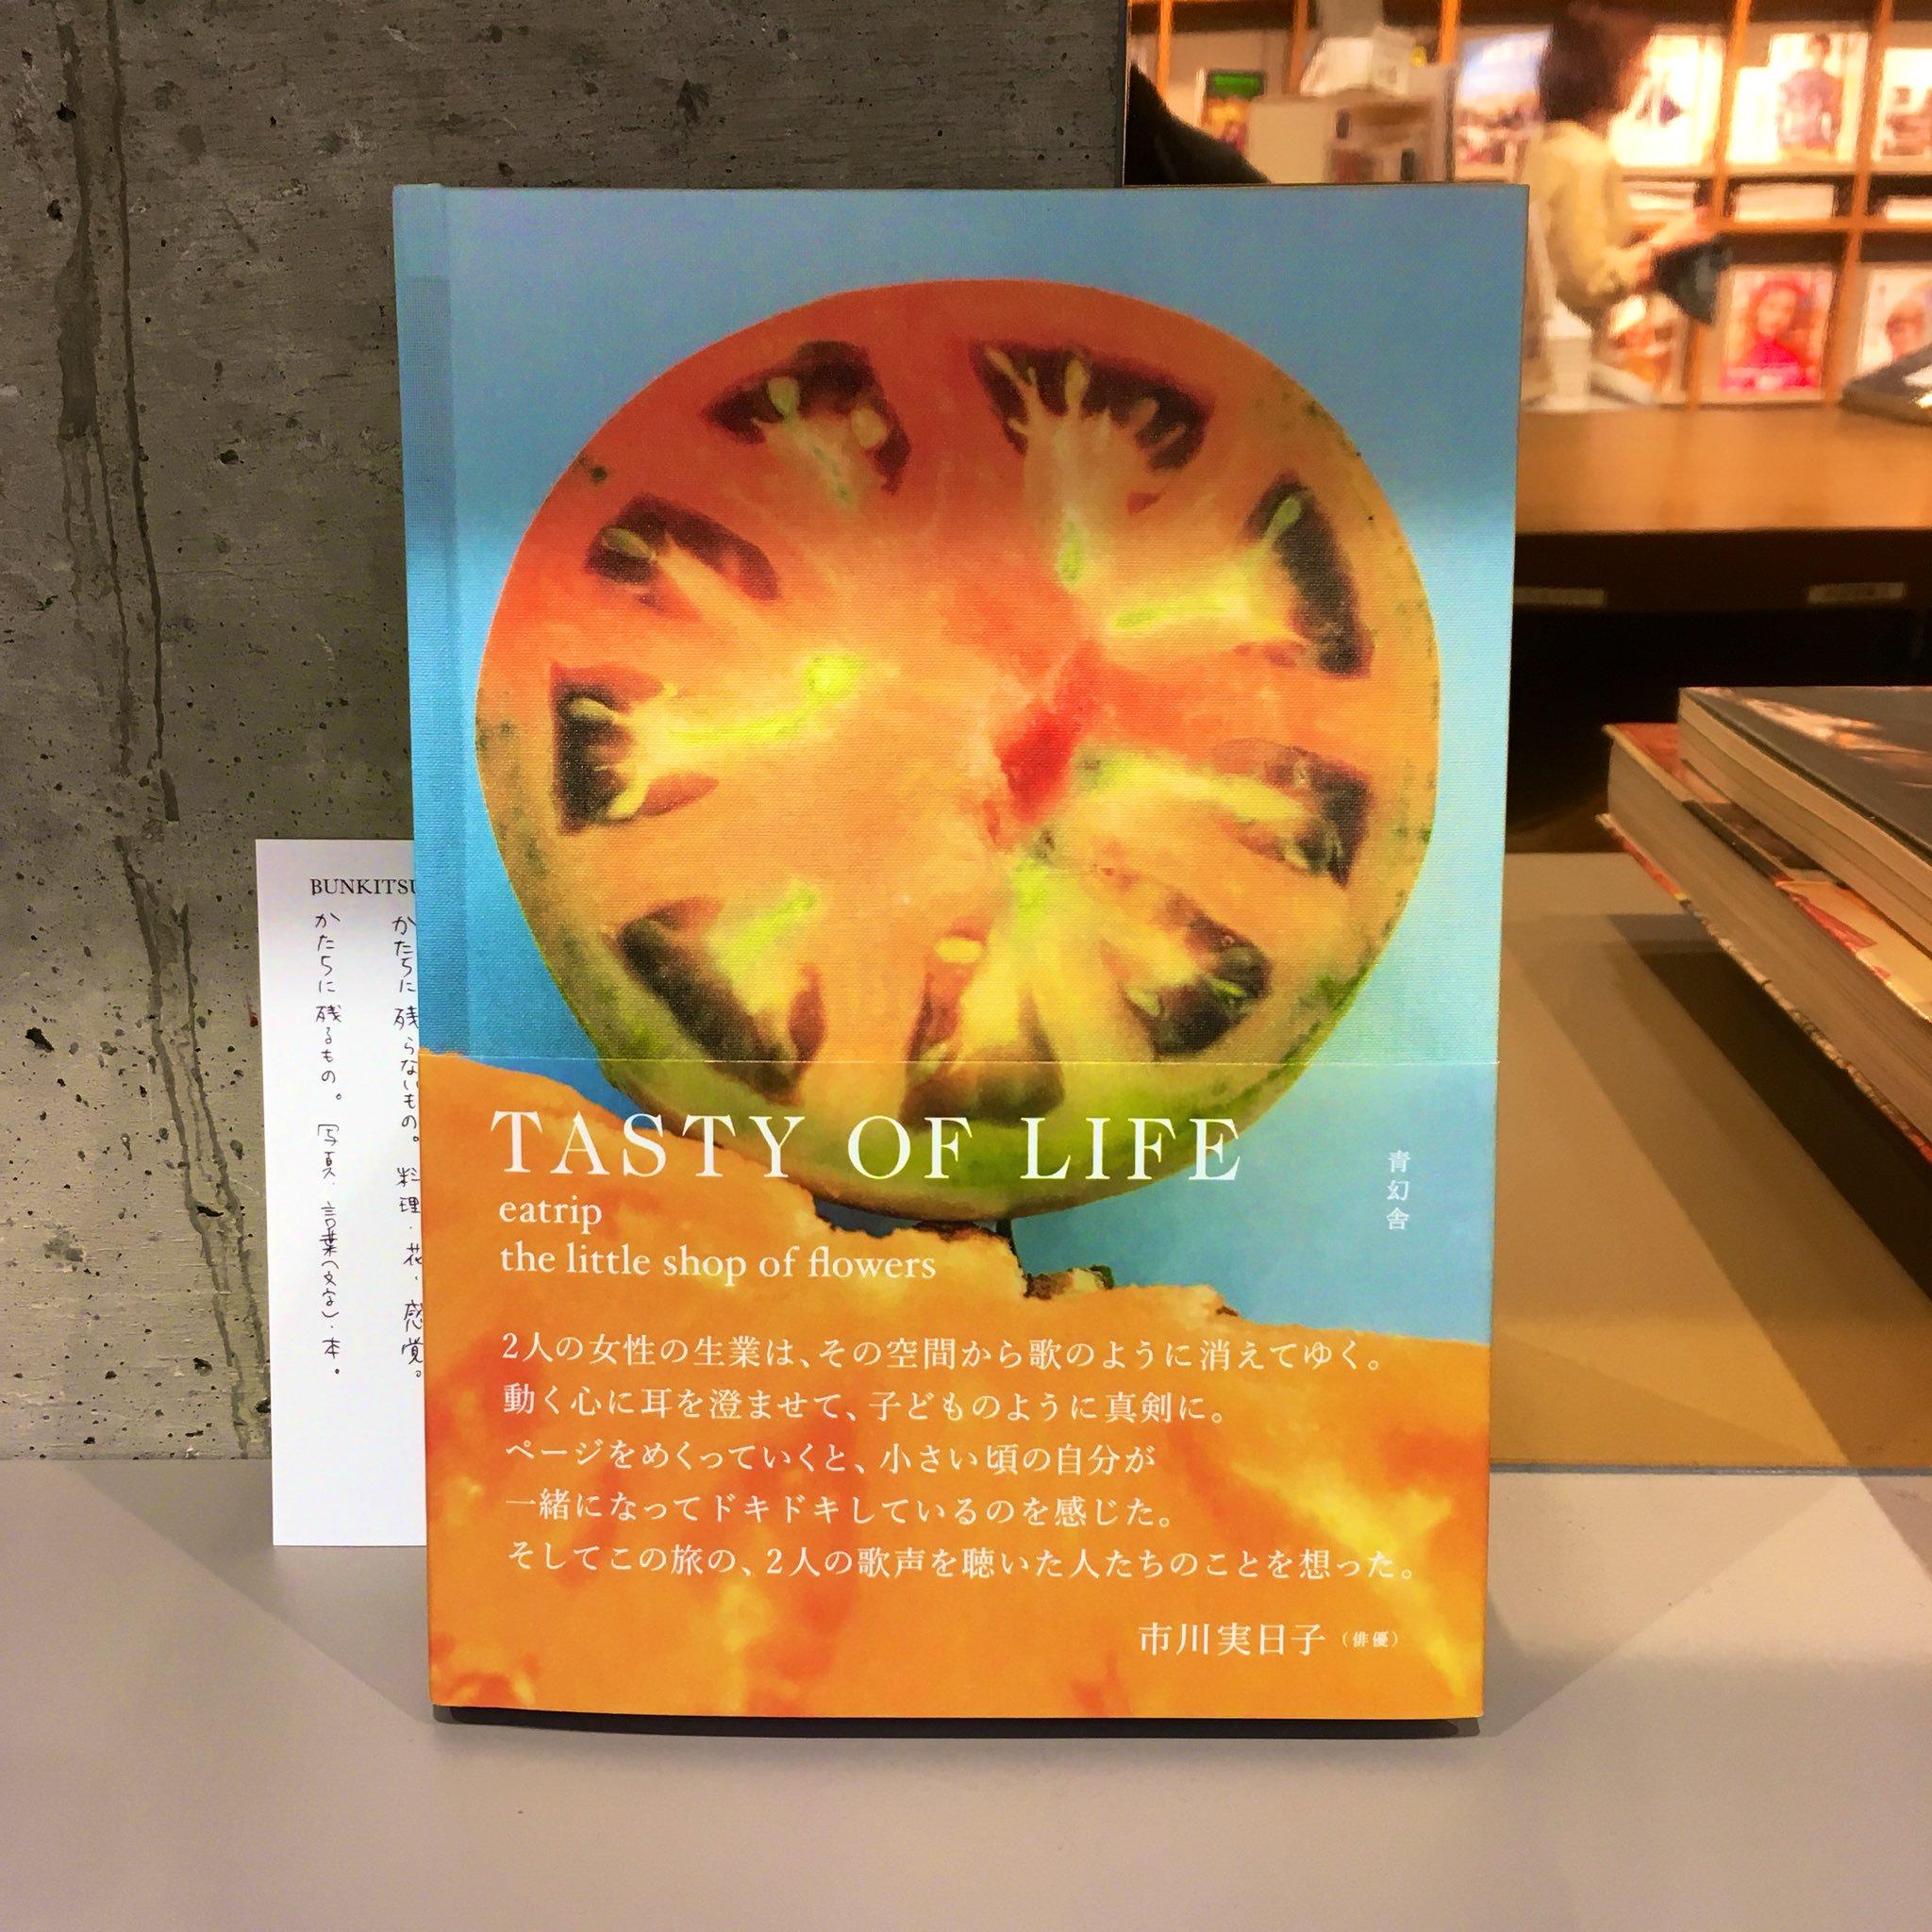 野村友里・壱岐ゆかり『TASTY OF LIFE』(青幻舎)